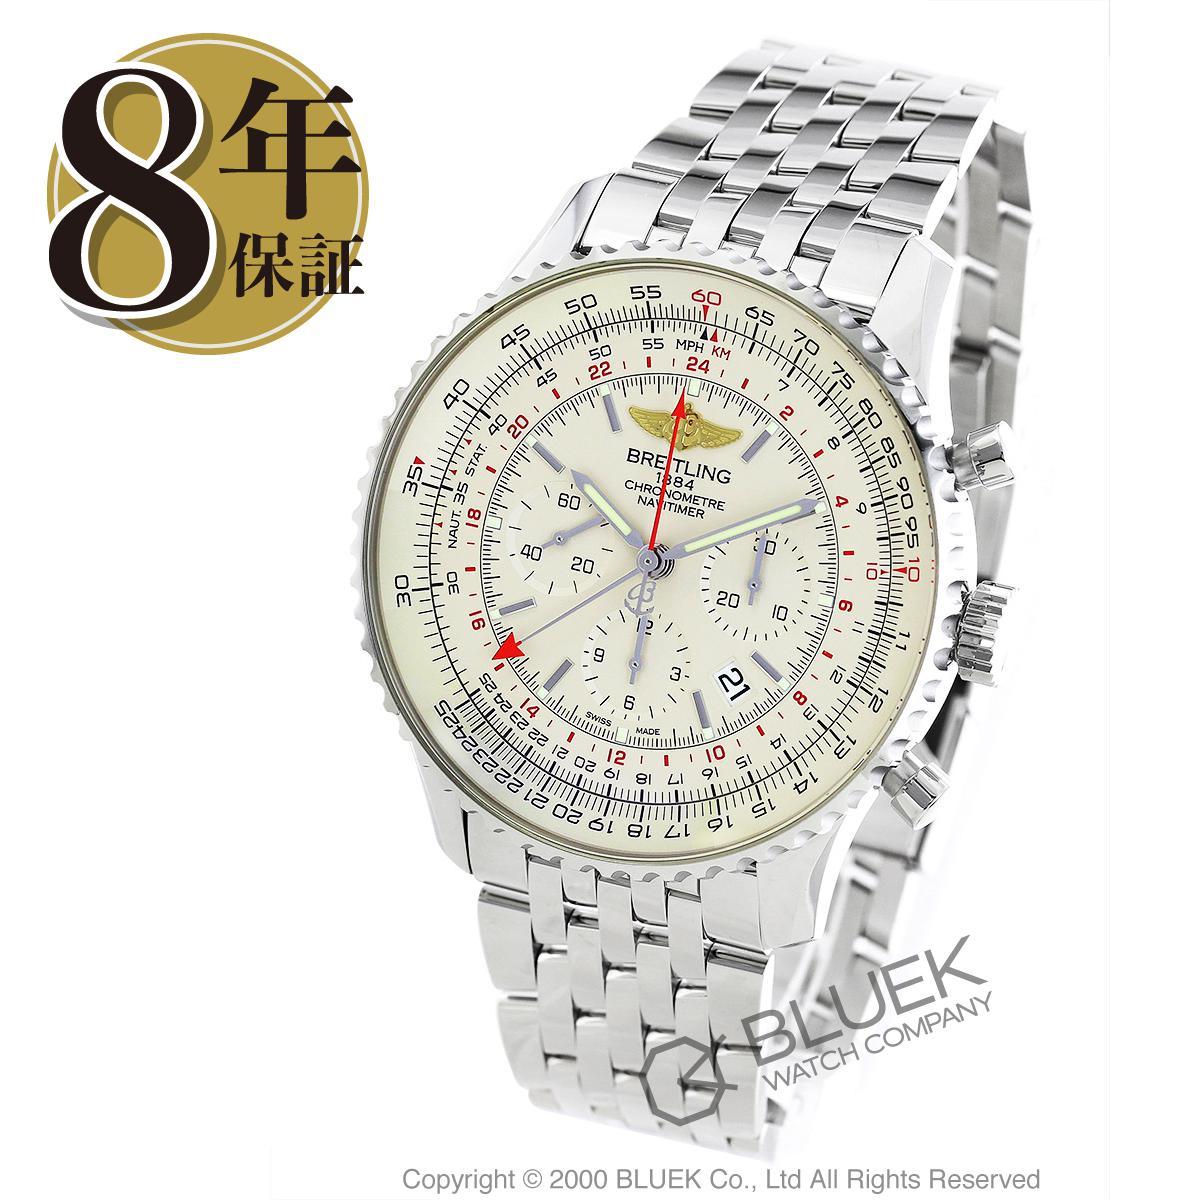 春夏新作モデル ブライトリング 腕時計 ナビタイマー GMT クロノグラフ 腕時計 メンズ GMT BREITLING A044G83NP ブライトリング_8, MEX ONLINE STORE:326fc92e --- hortafacil.dominiotemporario.com